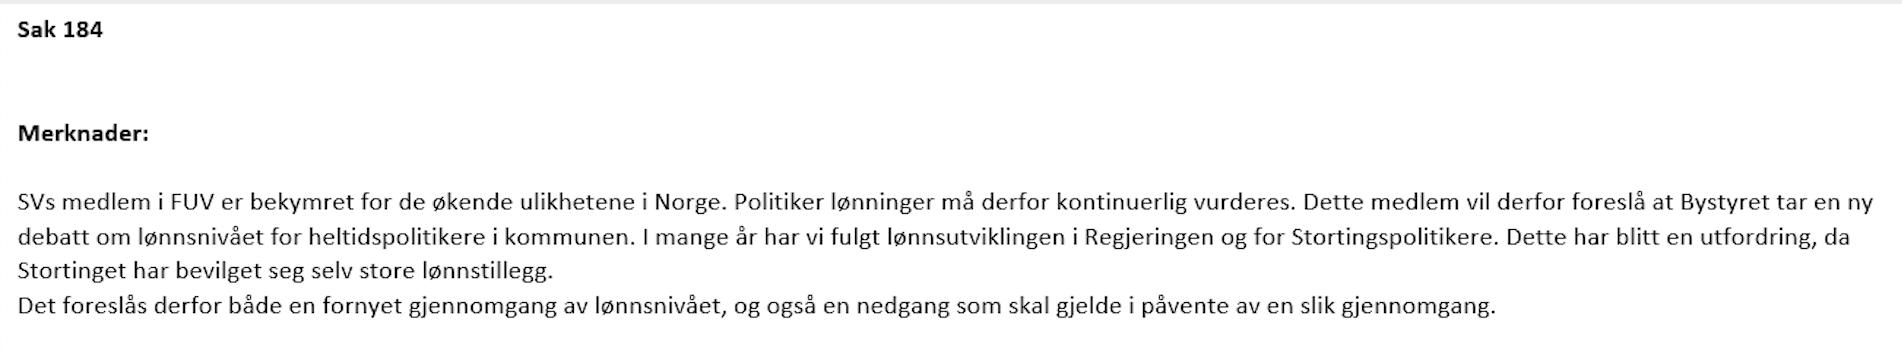 Skjermbilde 2019-06-03 kl. 18.54.16.png